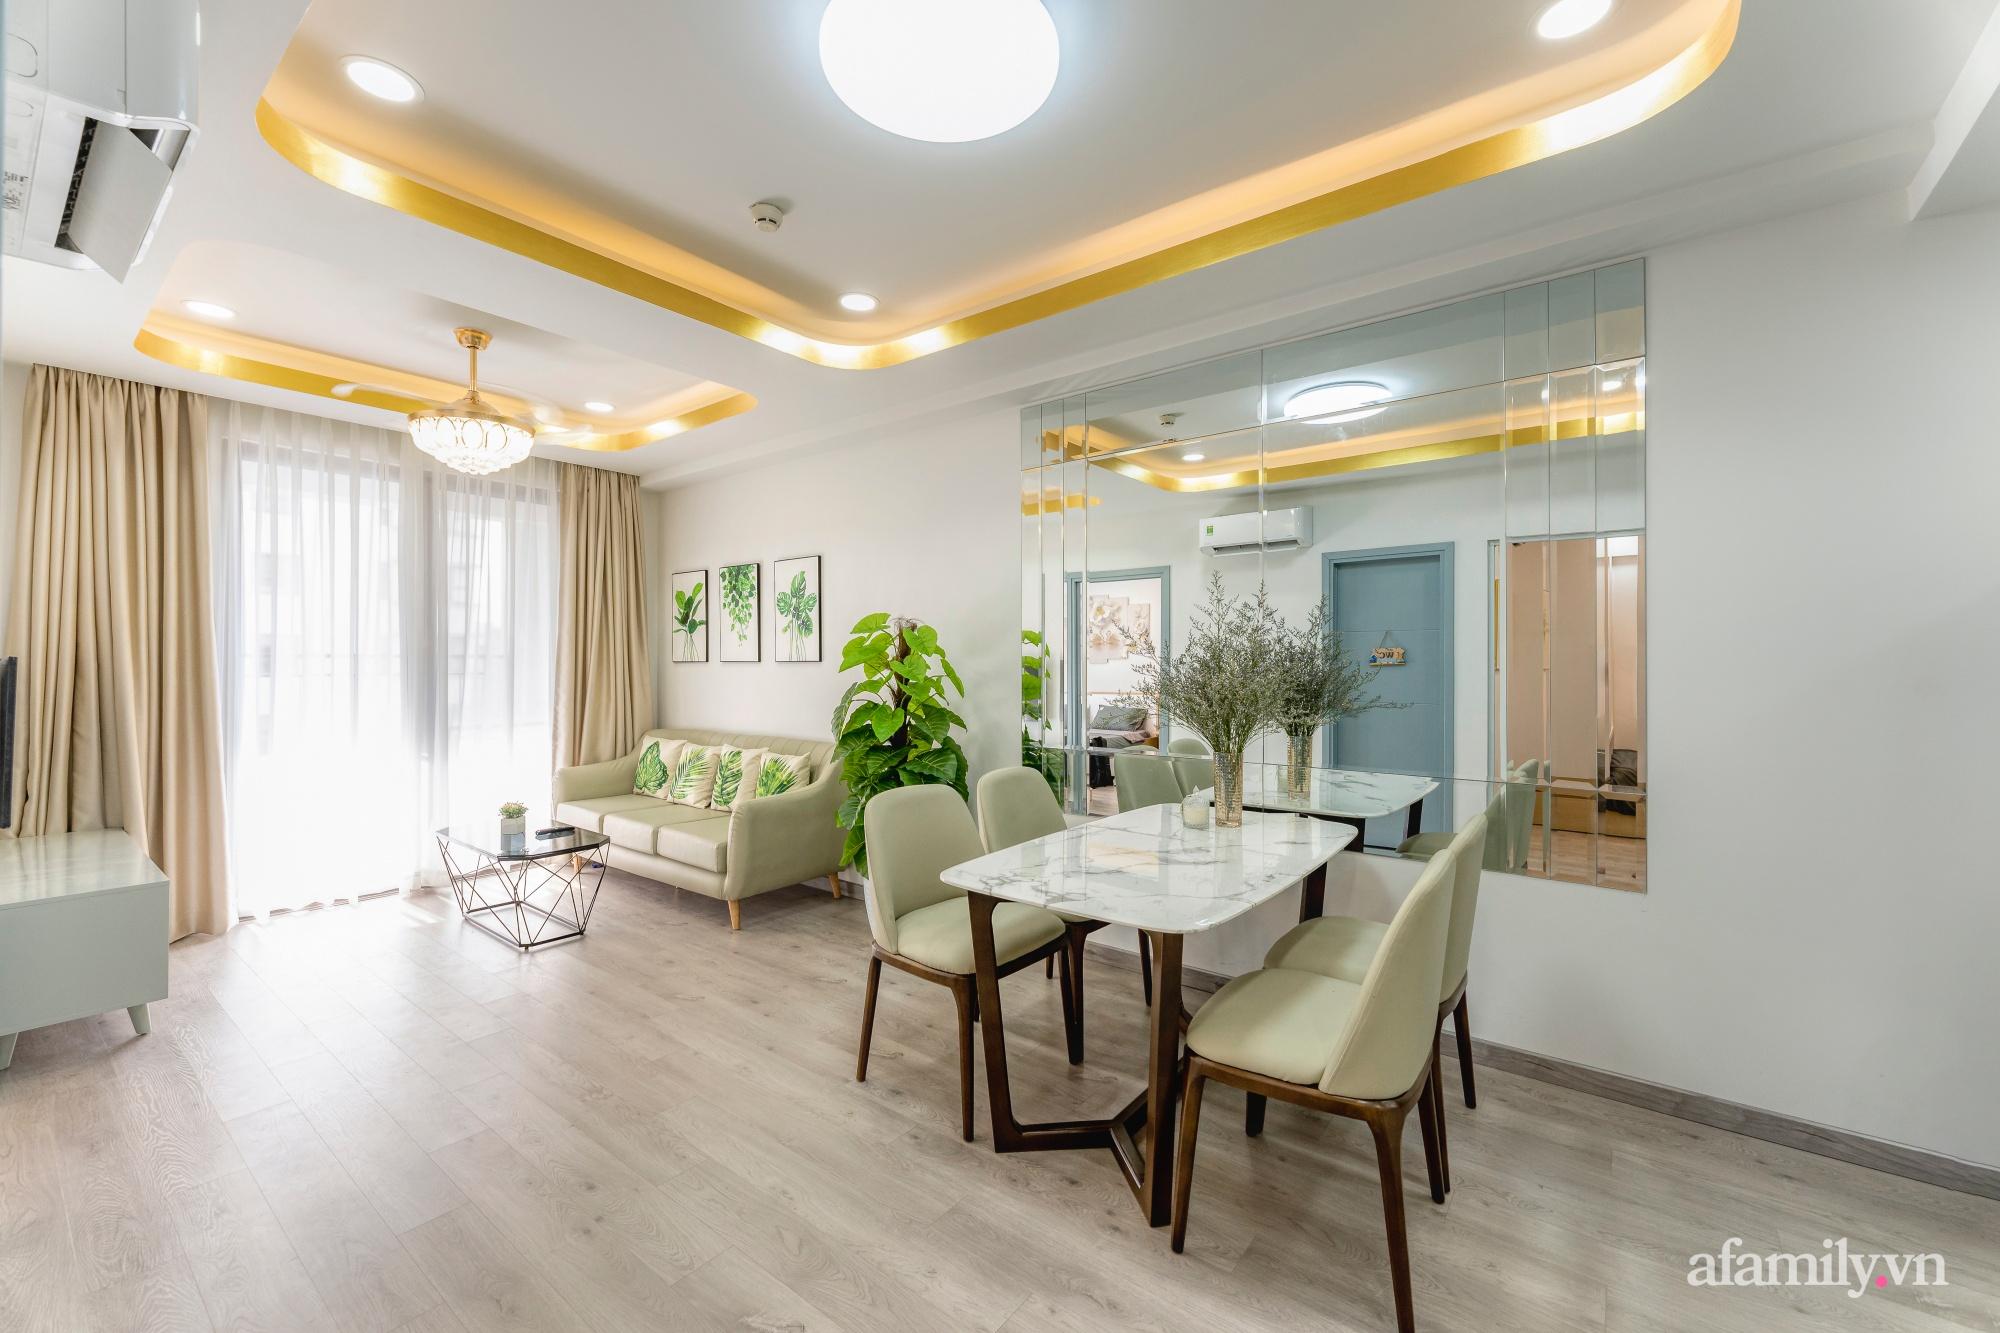 Căn hộ 70m² ghi điểm với không gian thoáng sáng cùng sắc màu gần gũi với thiên nhiên ở Sài Gòn - Ảnh 4.